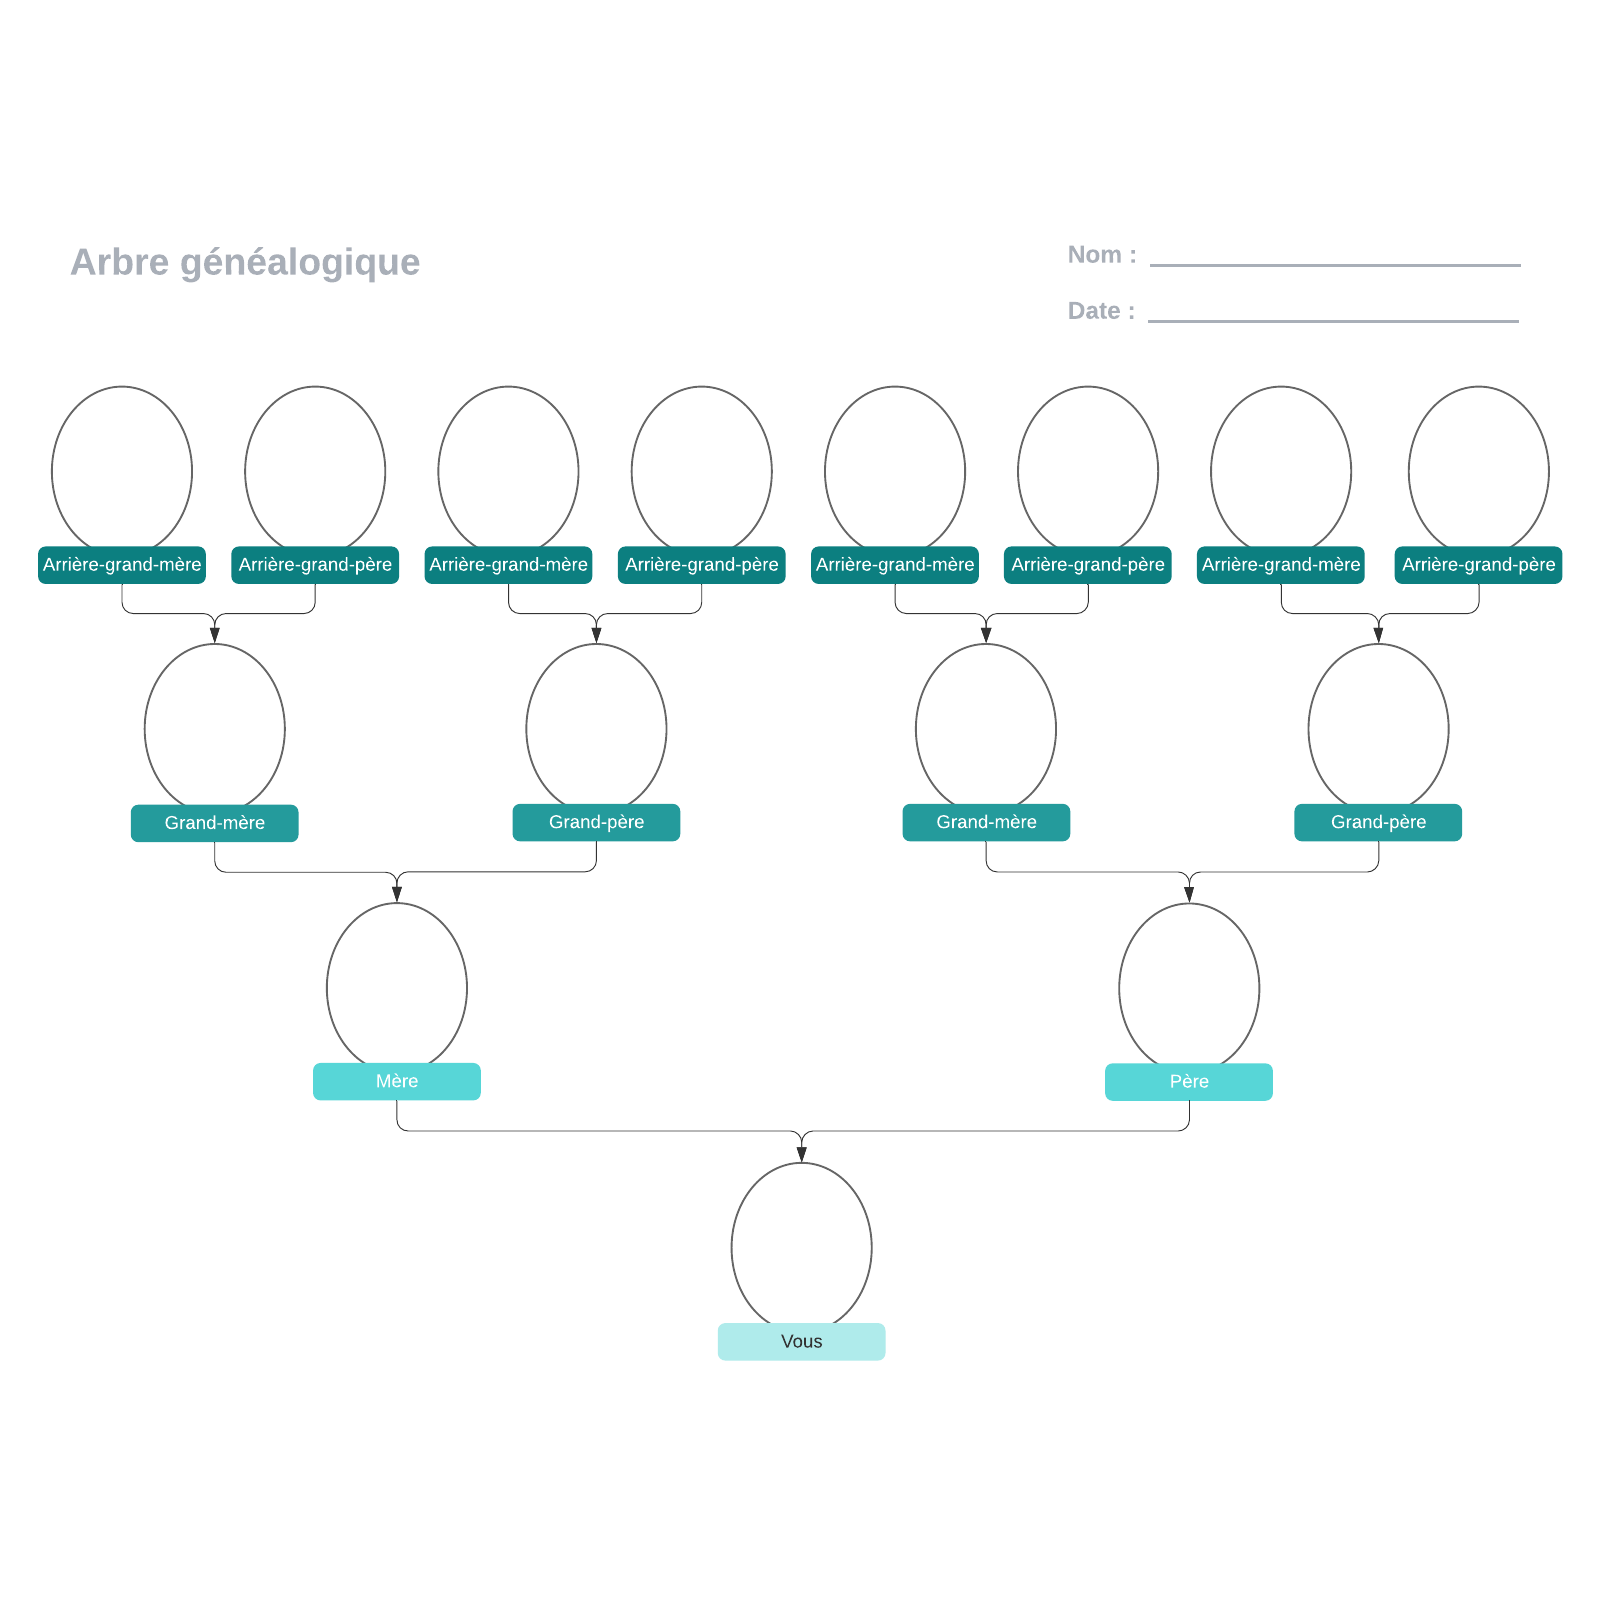 exemple d'arbre généalogique à compléter